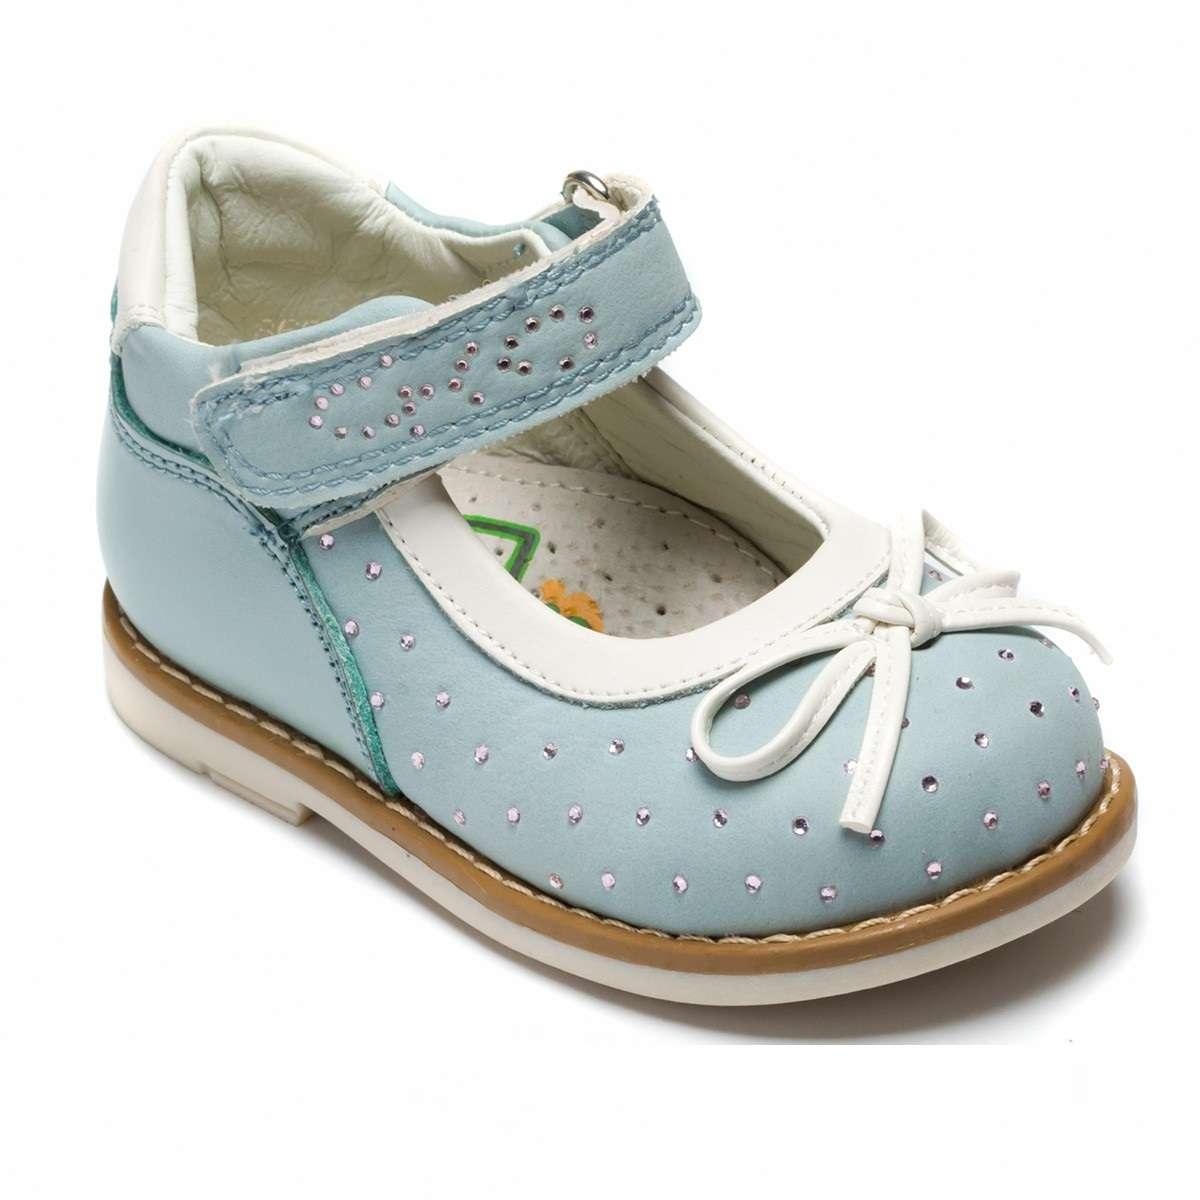 f4a1835c953667 Туфли для девочки р. 20, 21, Шалунишка Ортопед. Очень красивые, Новые